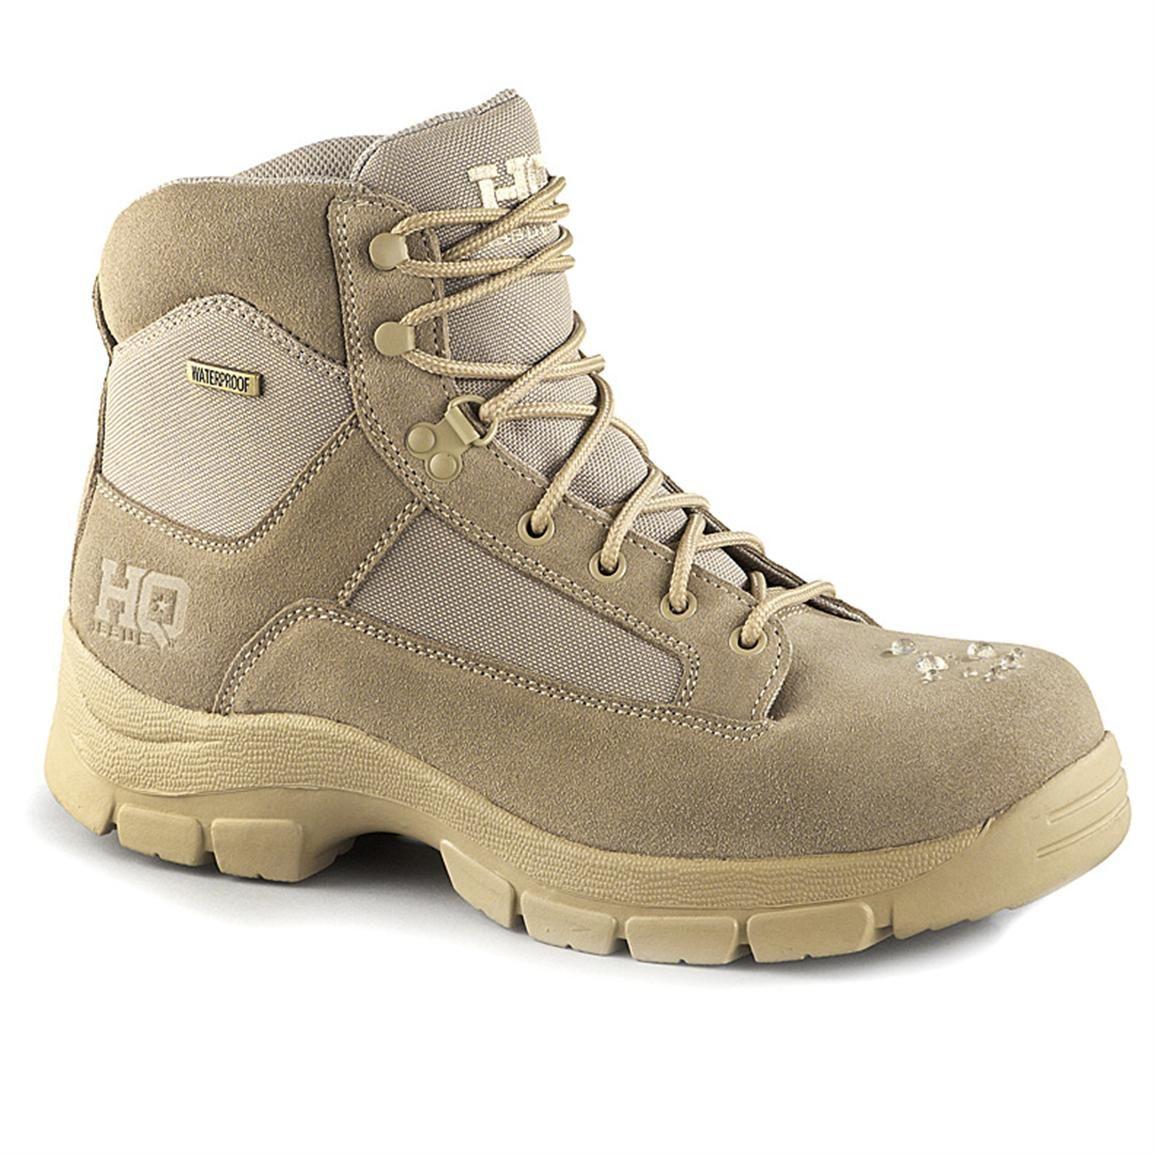 Hq Issue Men S Waterproof 6 Desert Tactical Boots Desert Combat Boots Boots Combat Shoes